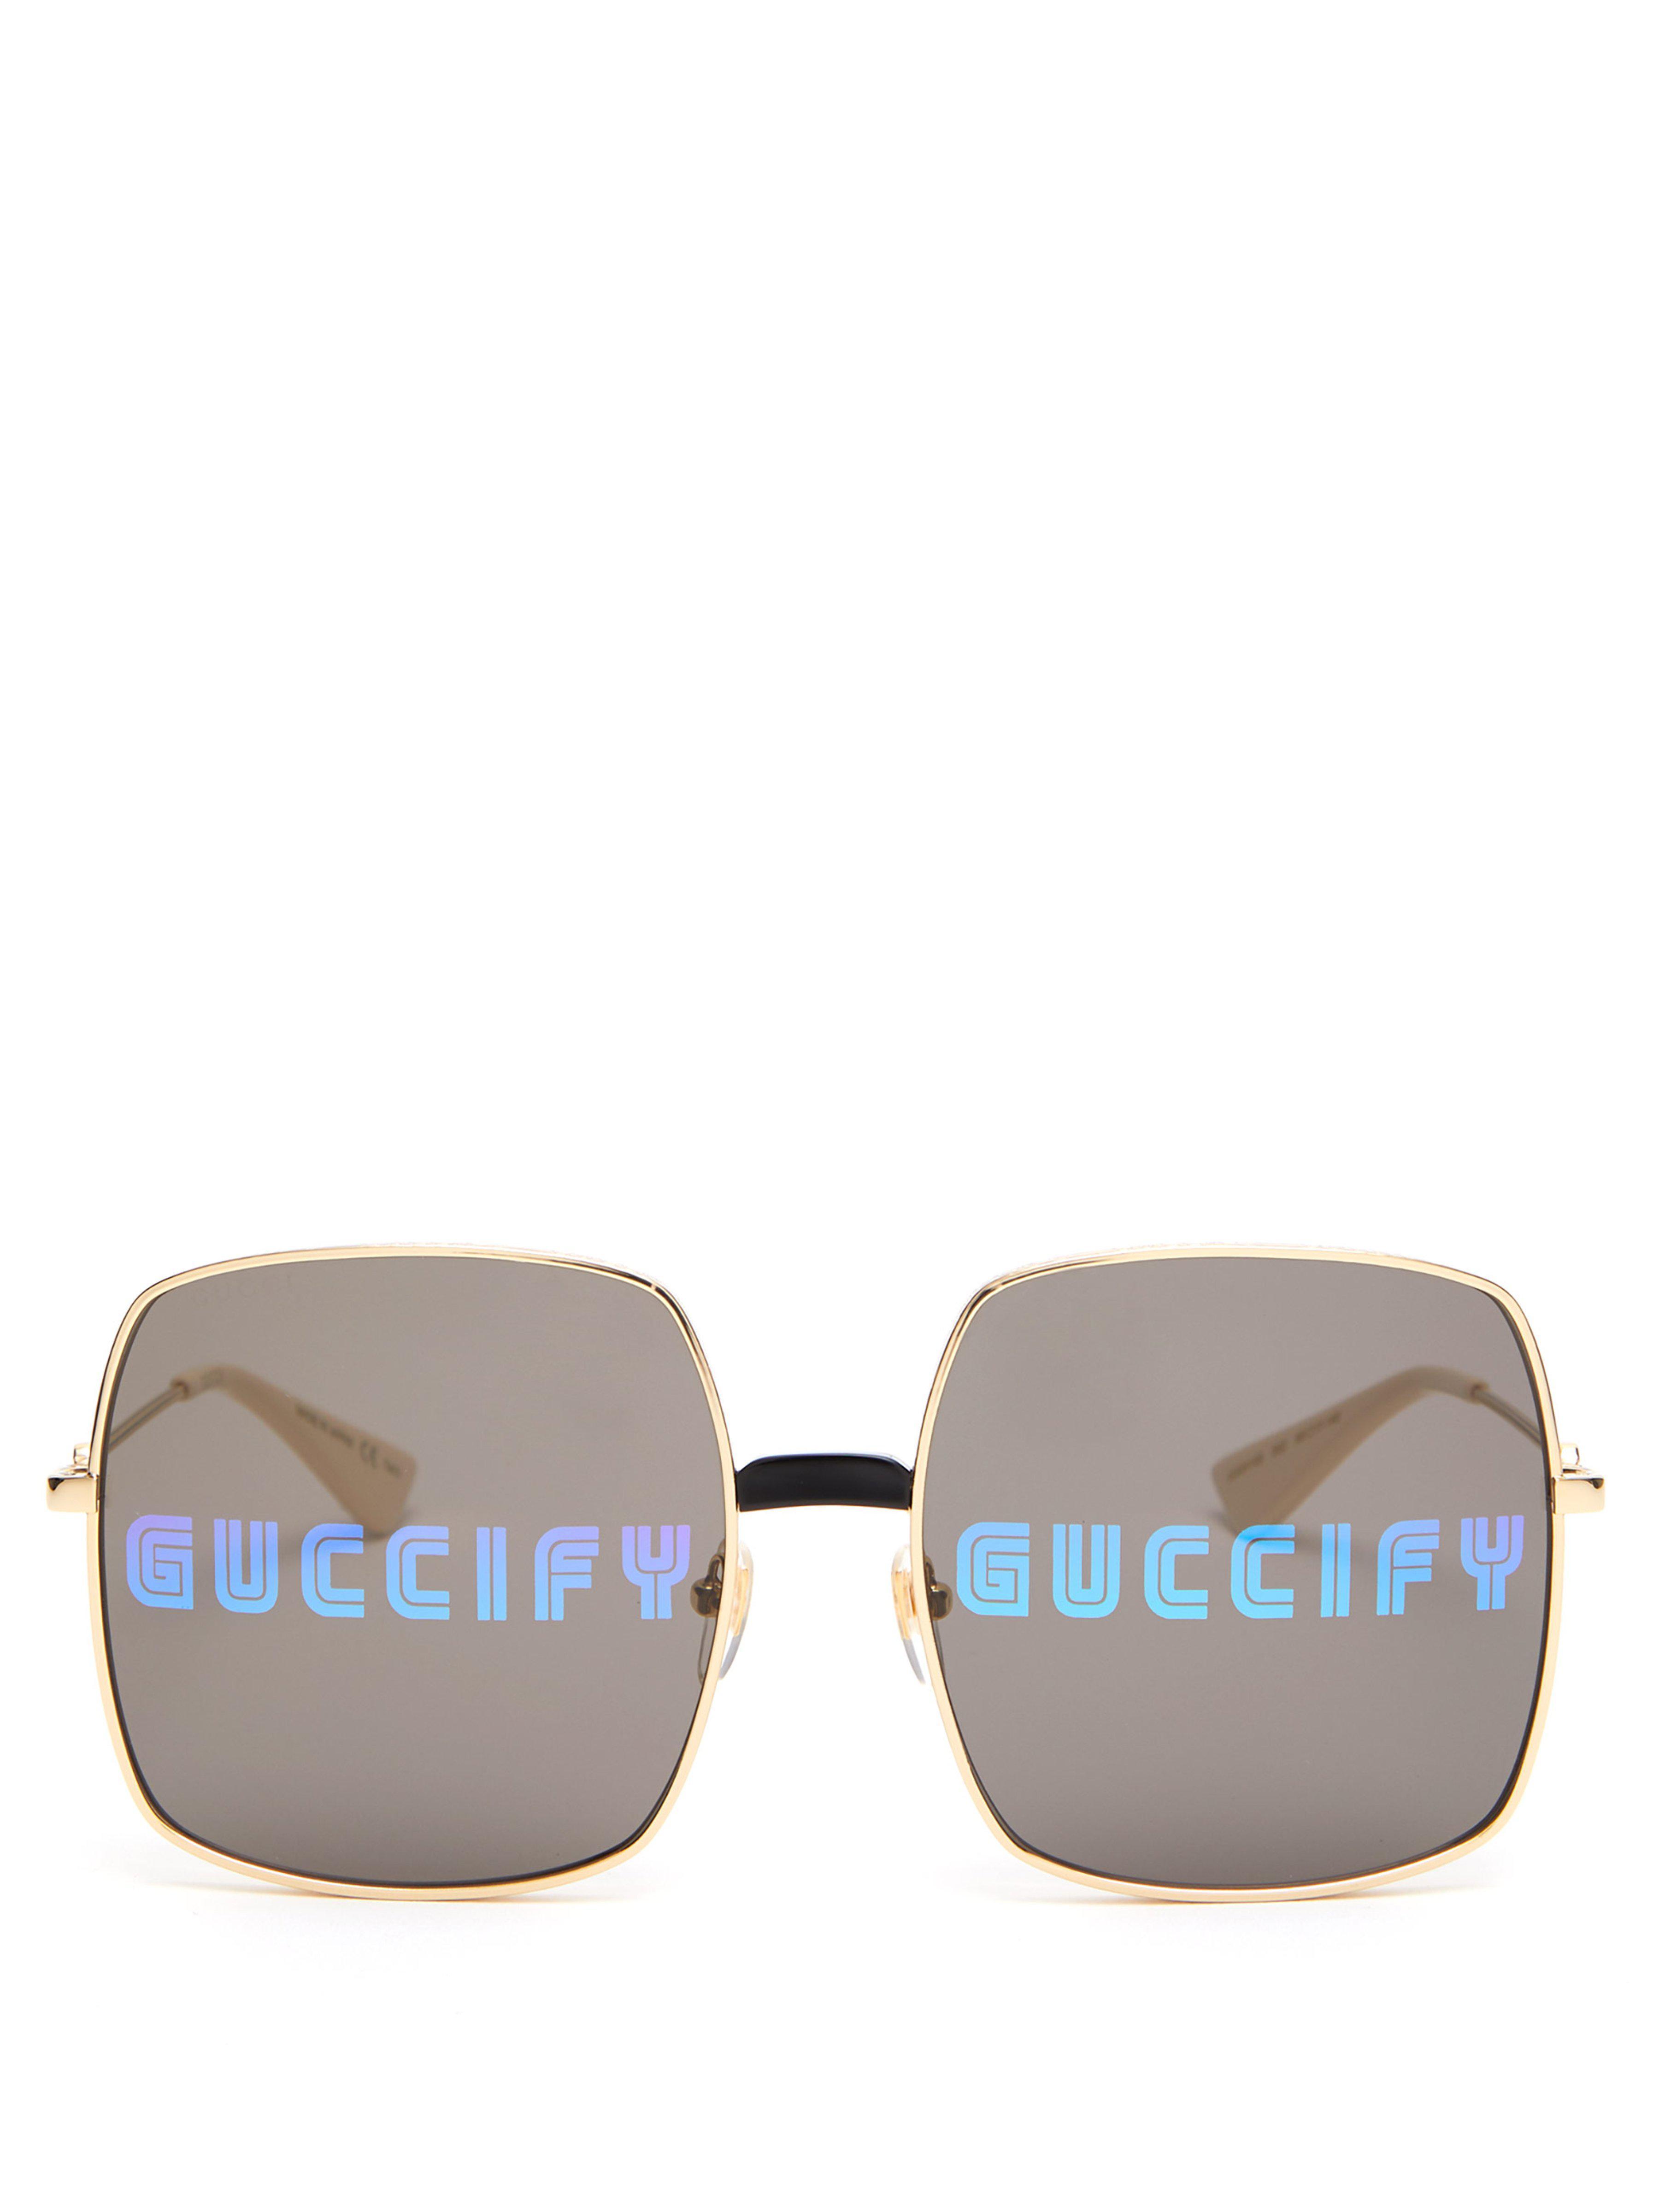 95d10d3dcf2 Gucci. Women s Fy Square Frame Sunglasses